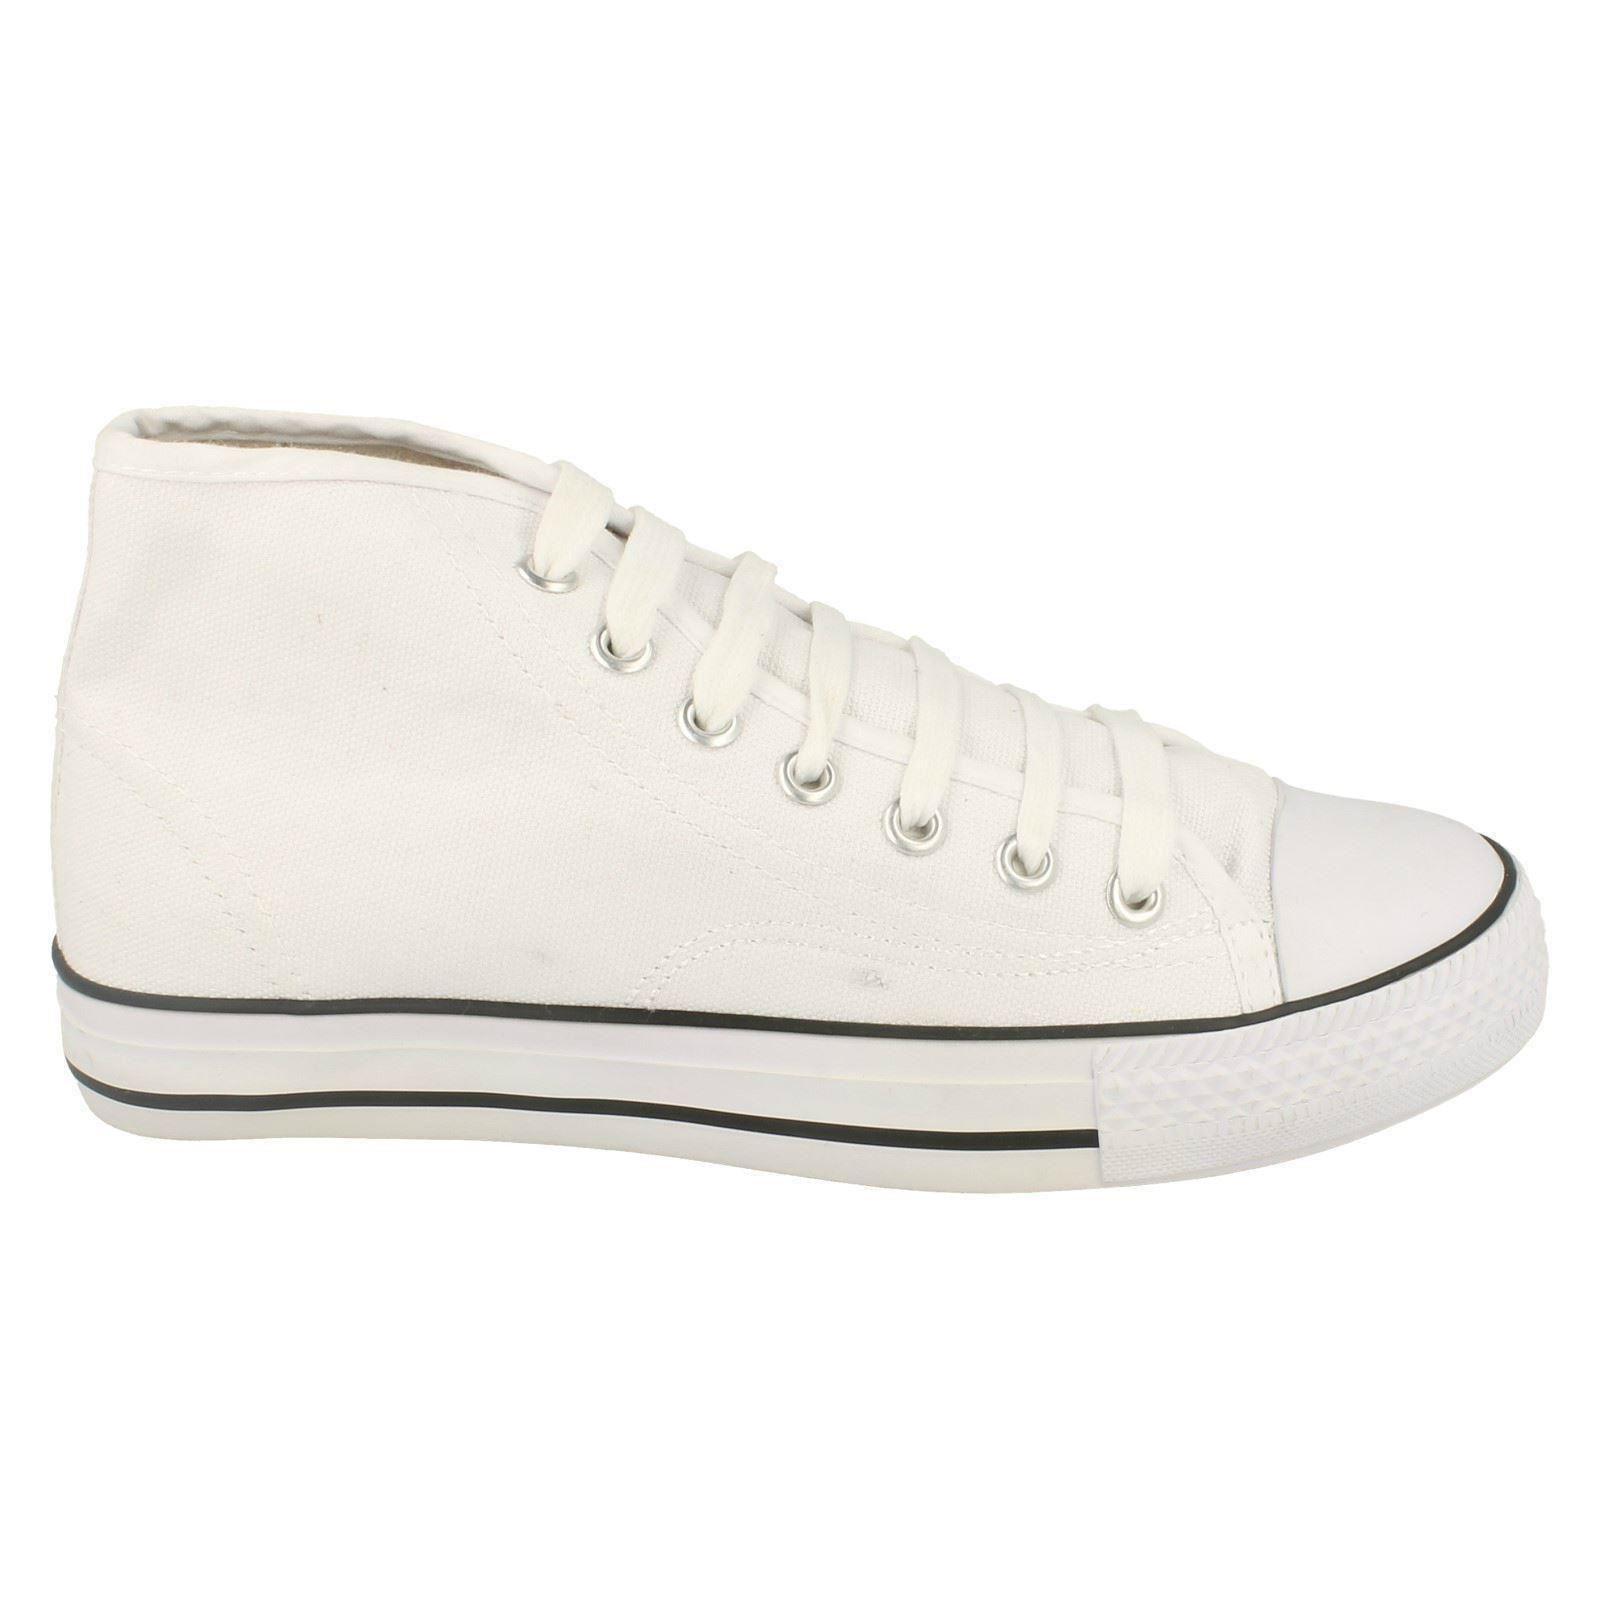 Spot-On-Chaussures-hautes-en-toile-Homme-KM565 miniature 4